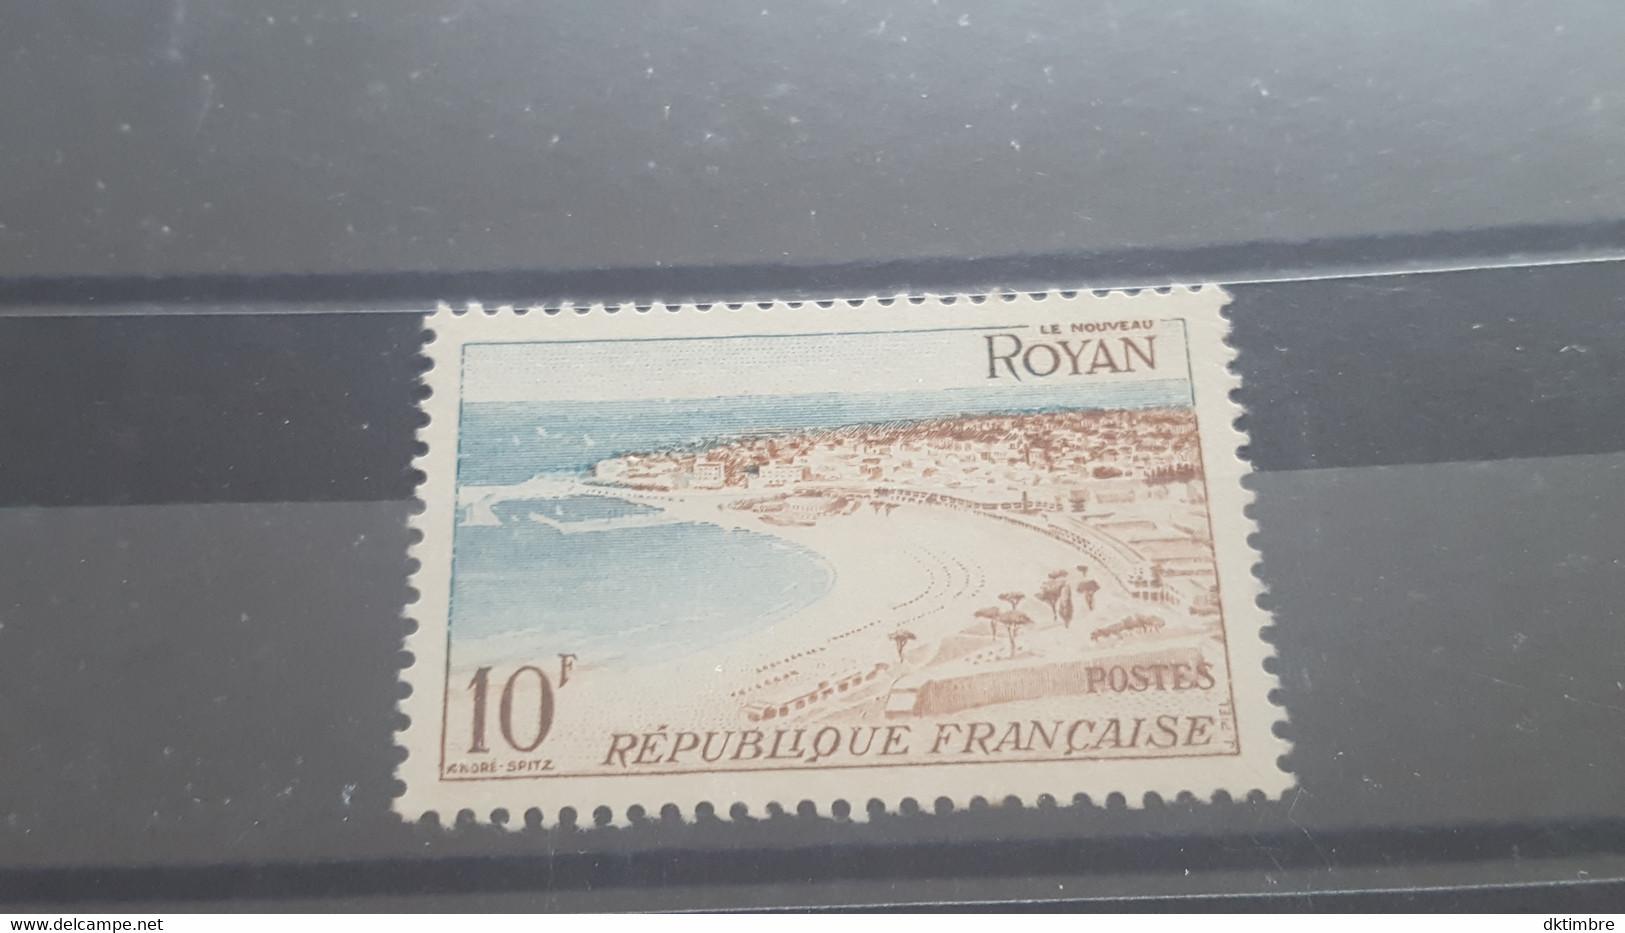 LOT555022 TIMBRE DE FRANCE NEUF** LUXE VARIETE IMPRESSION DEPOUILLE - Colecciones Completas